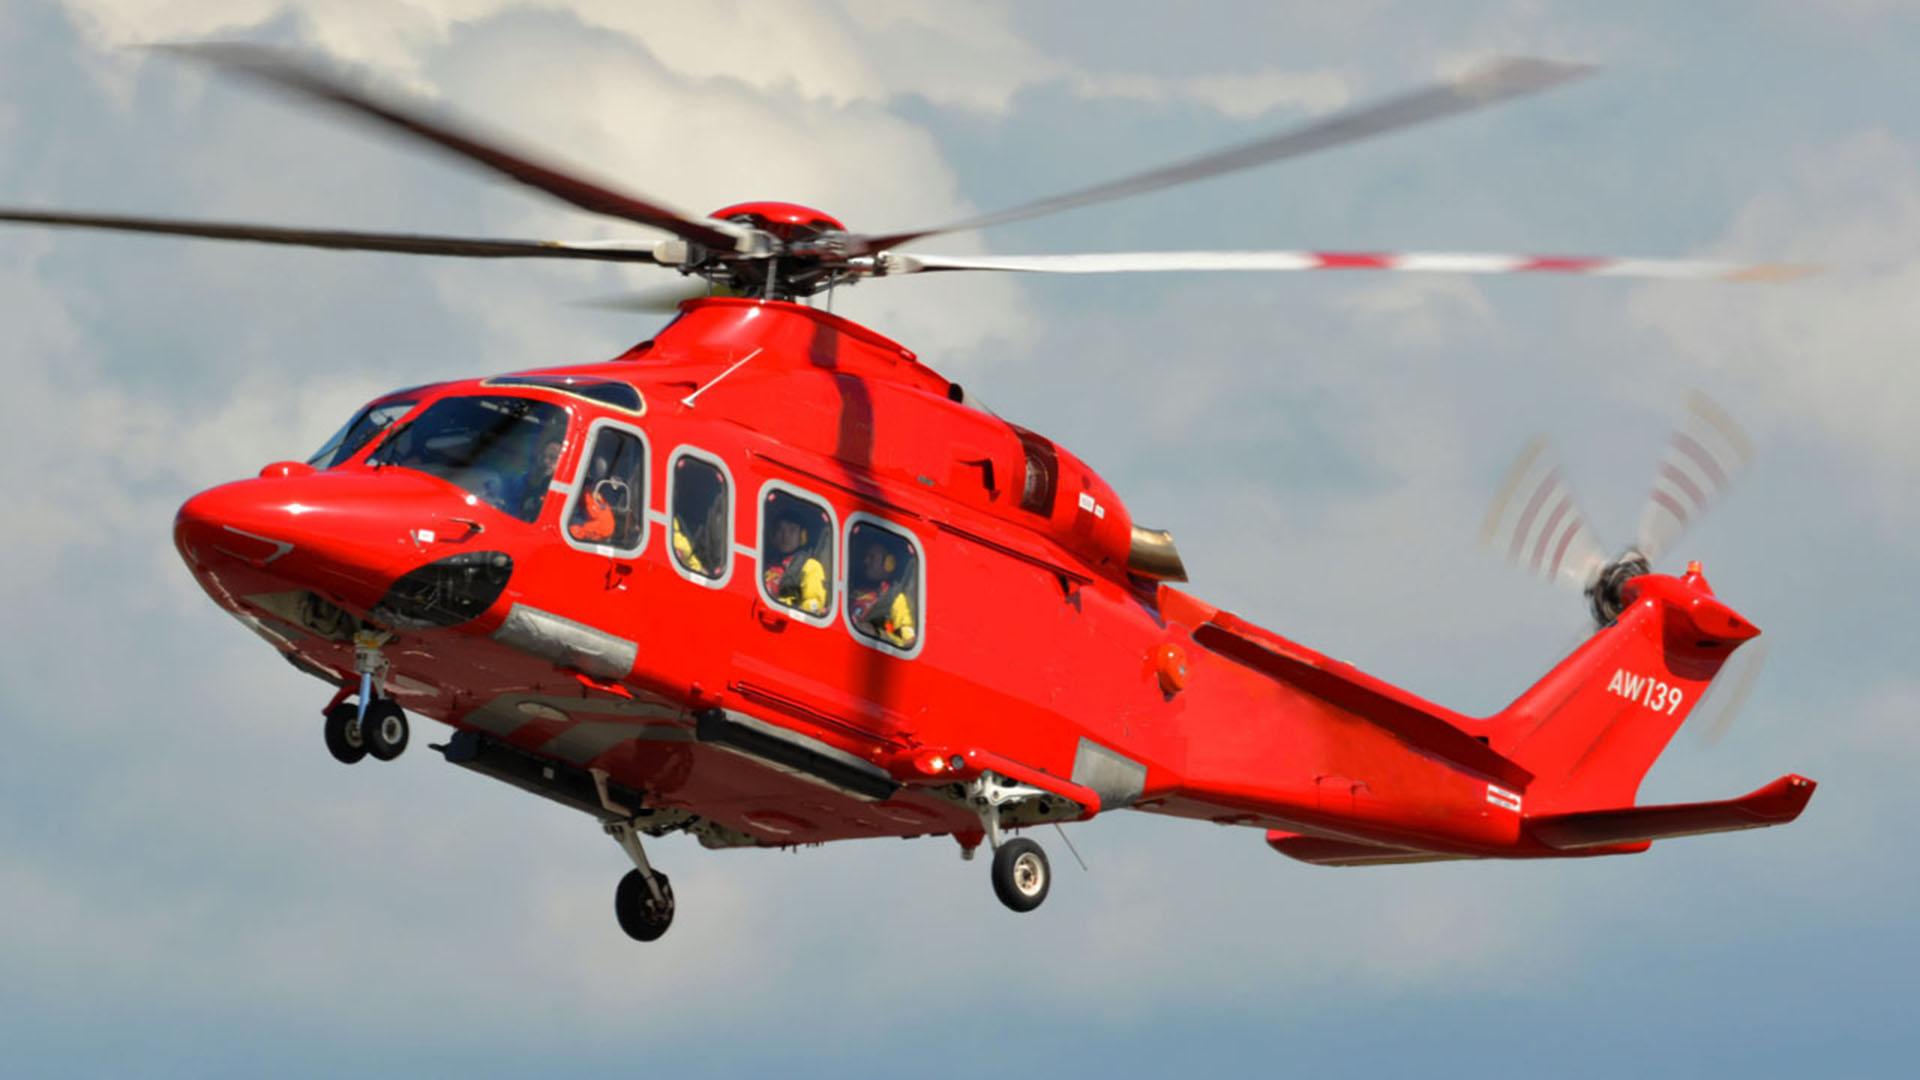 AW139 HEMS